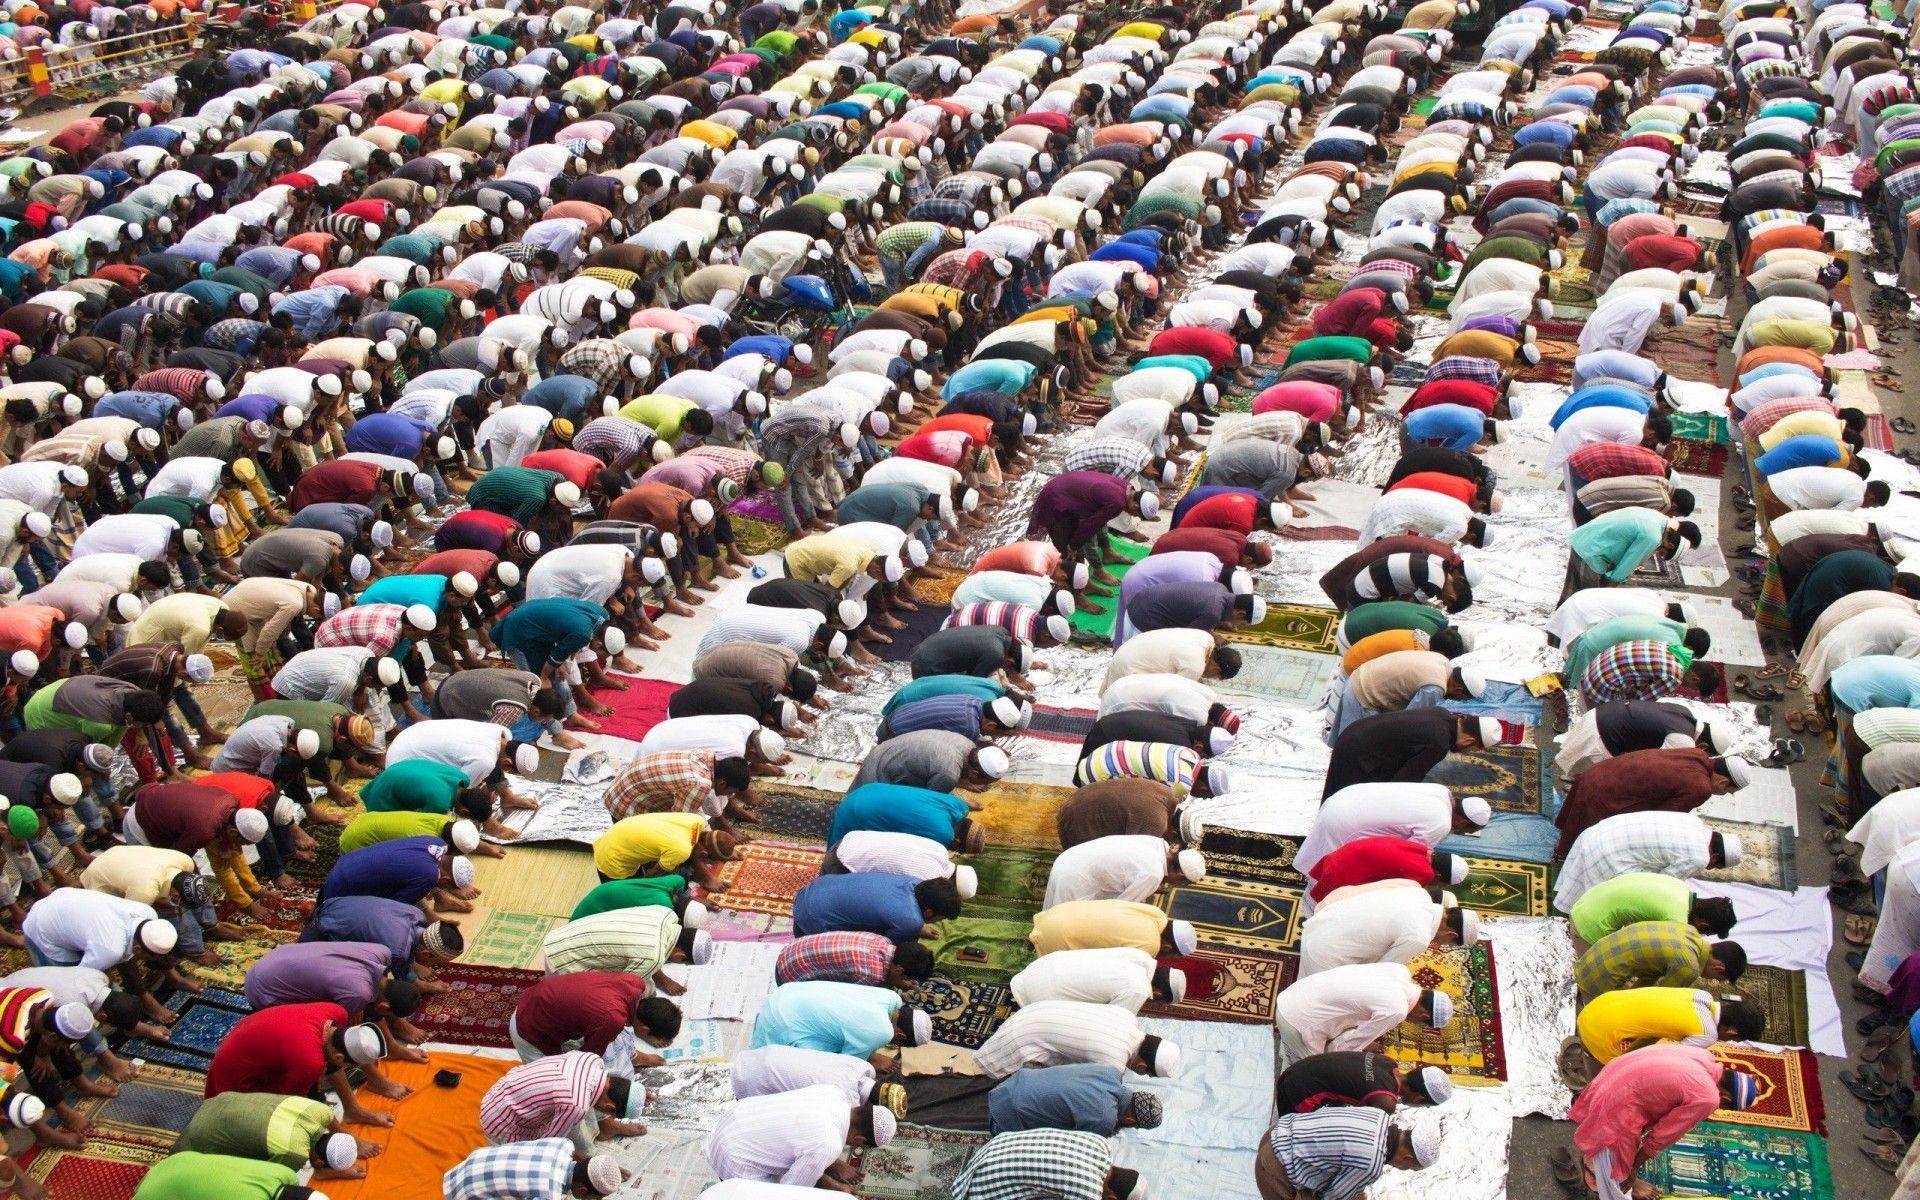 Wallpaper download hd full - Full Hd Muslim Praying Namaz Desktop Wallpaper Download Free For Widescreen Mobile Table